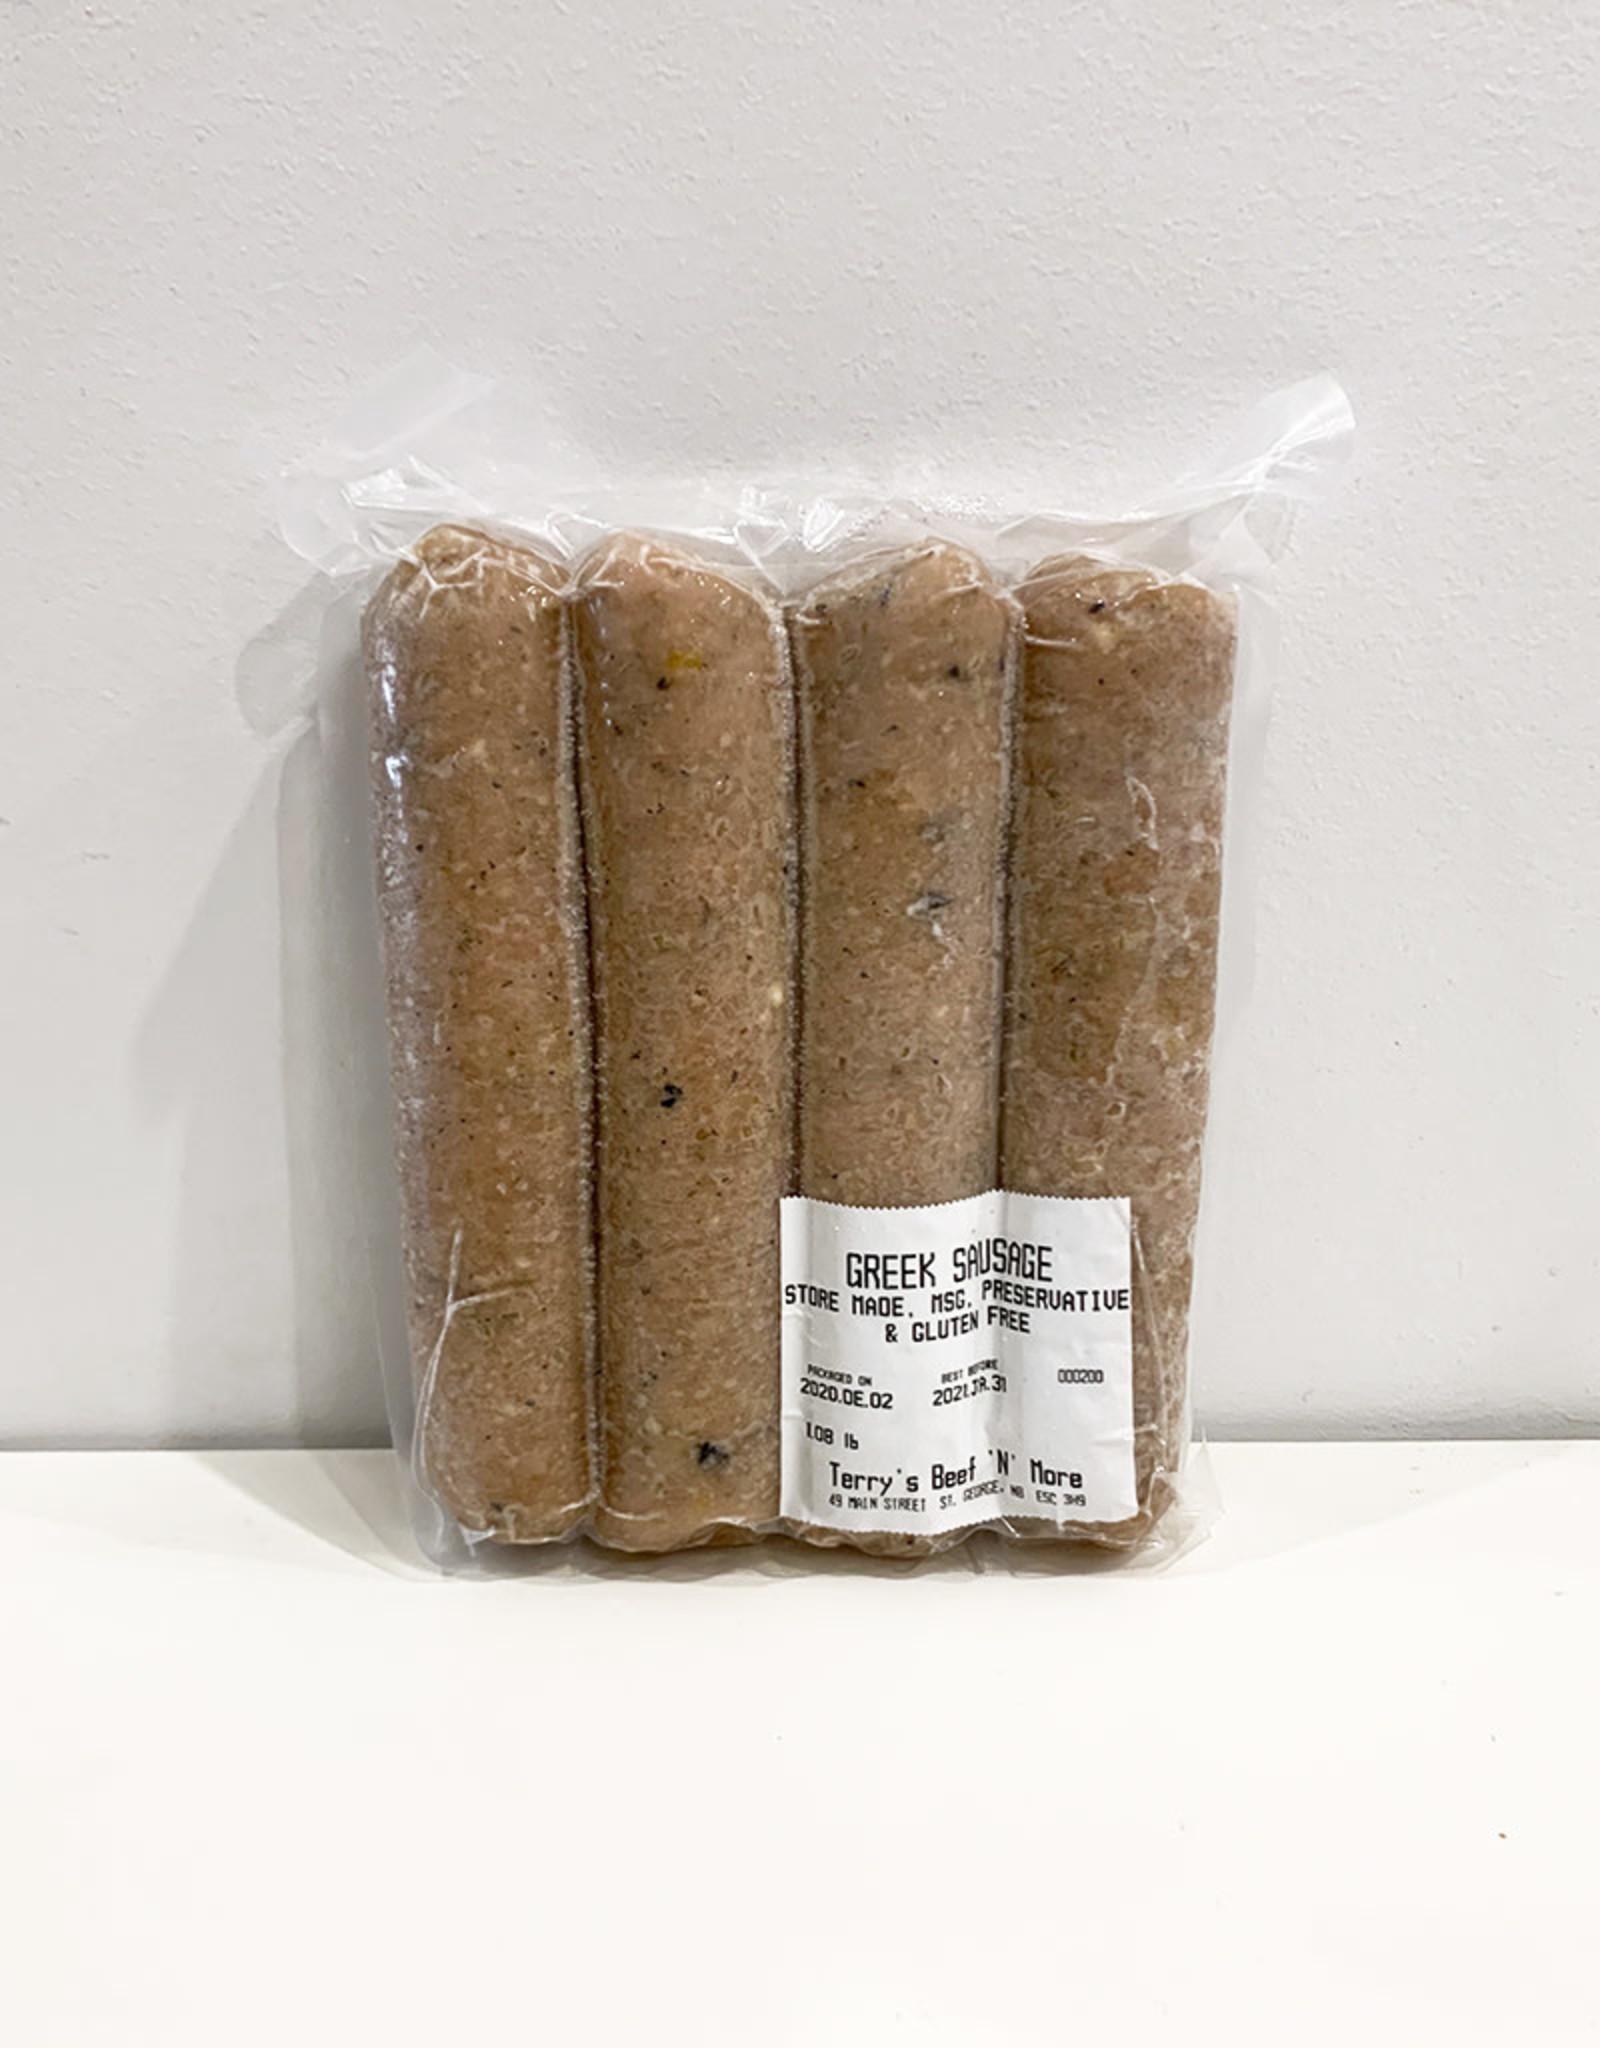 Terrys Beef n More Terrys - Turkey Sausages, Greek